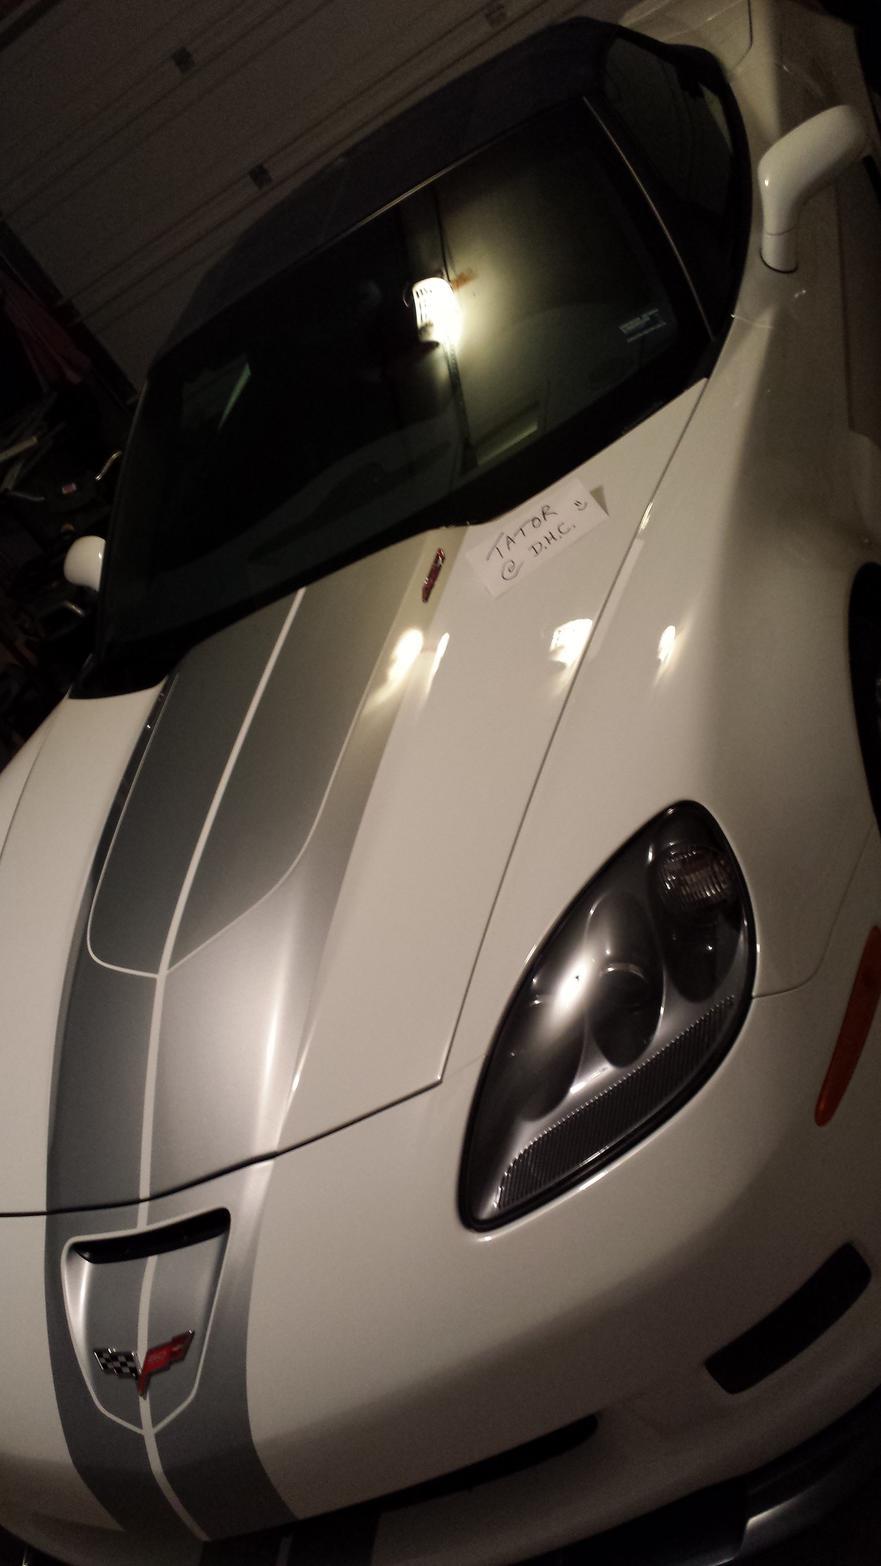 cars-20140415_225247.jpg